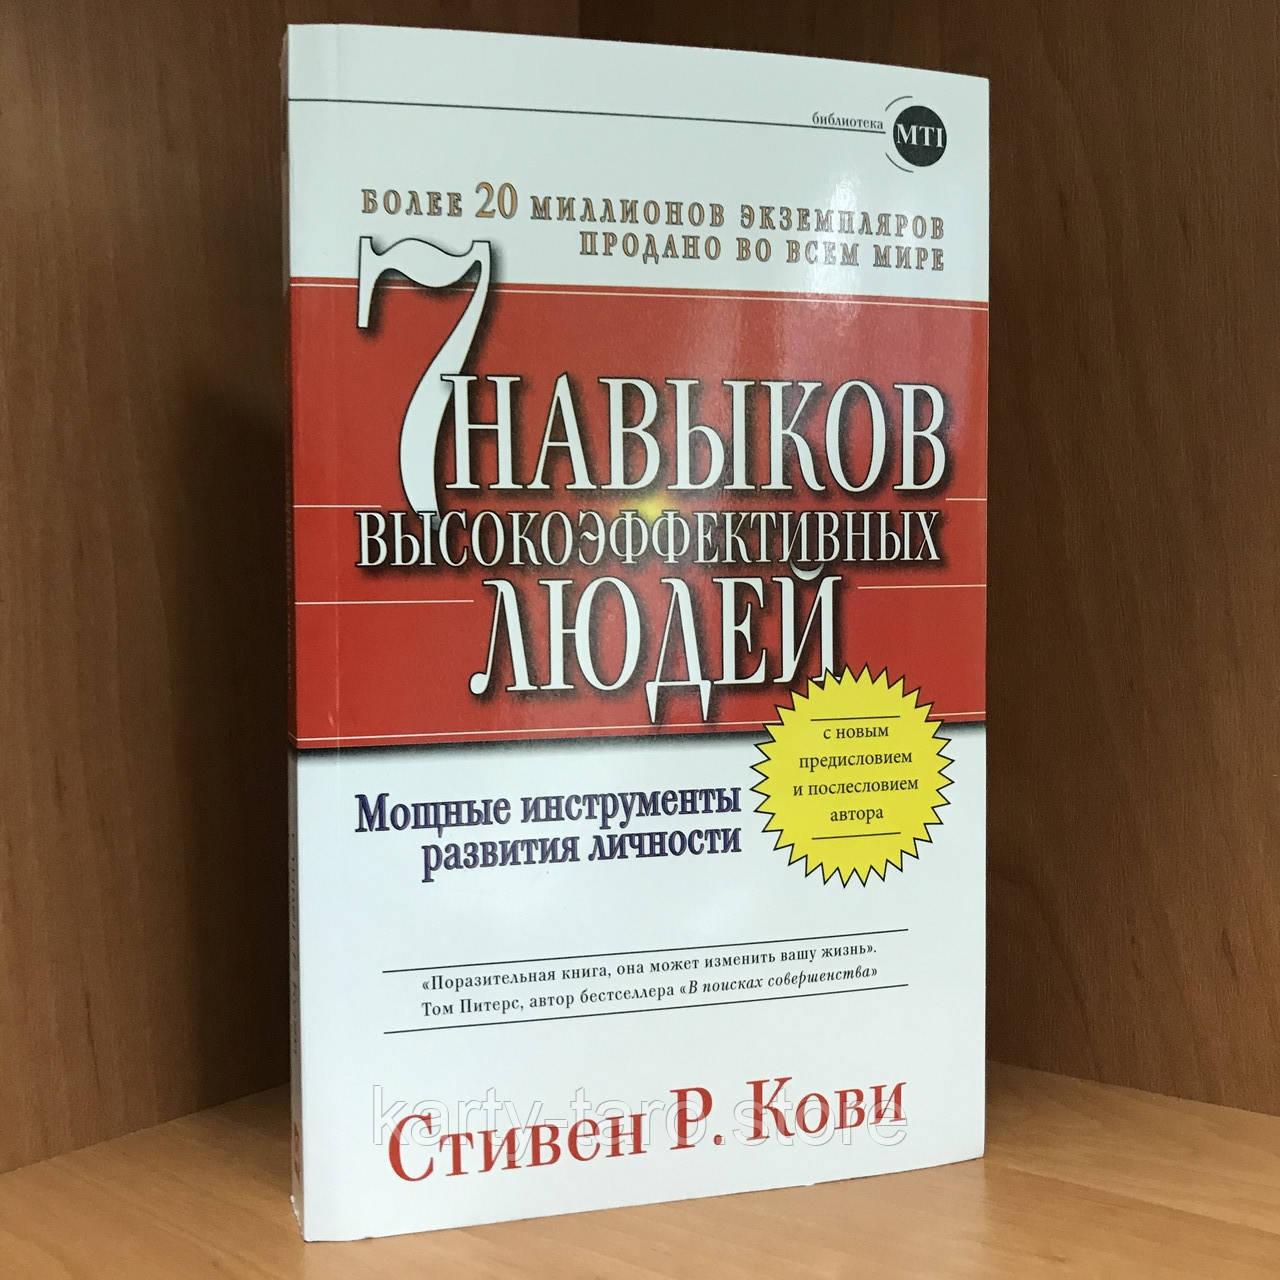 Книга 7 навыков высокоэффективных людей - Стивен Кови